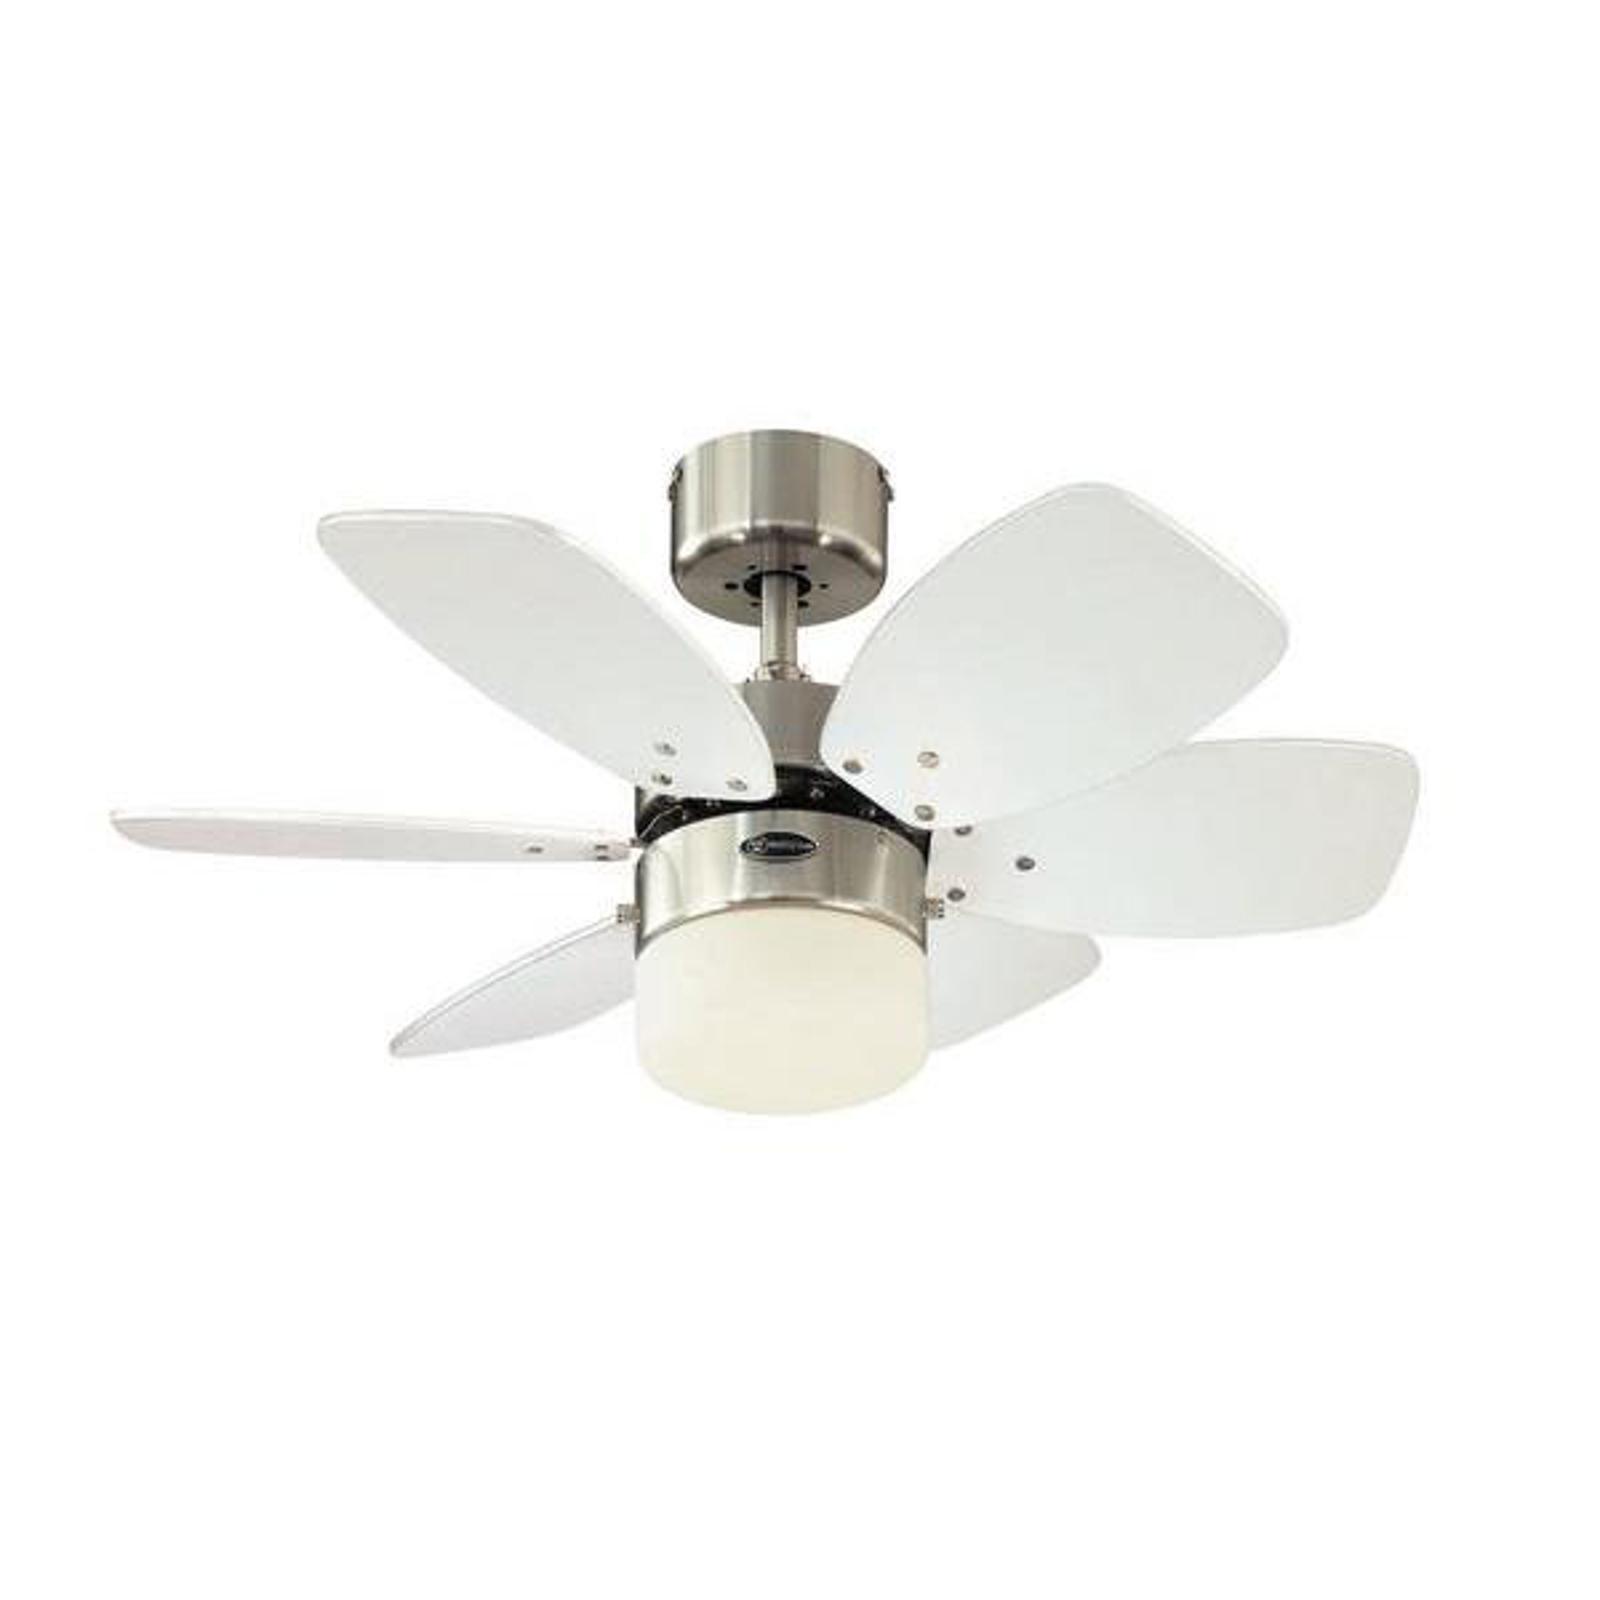 Ventilateur de plafond lumineux FLORA ROYAL